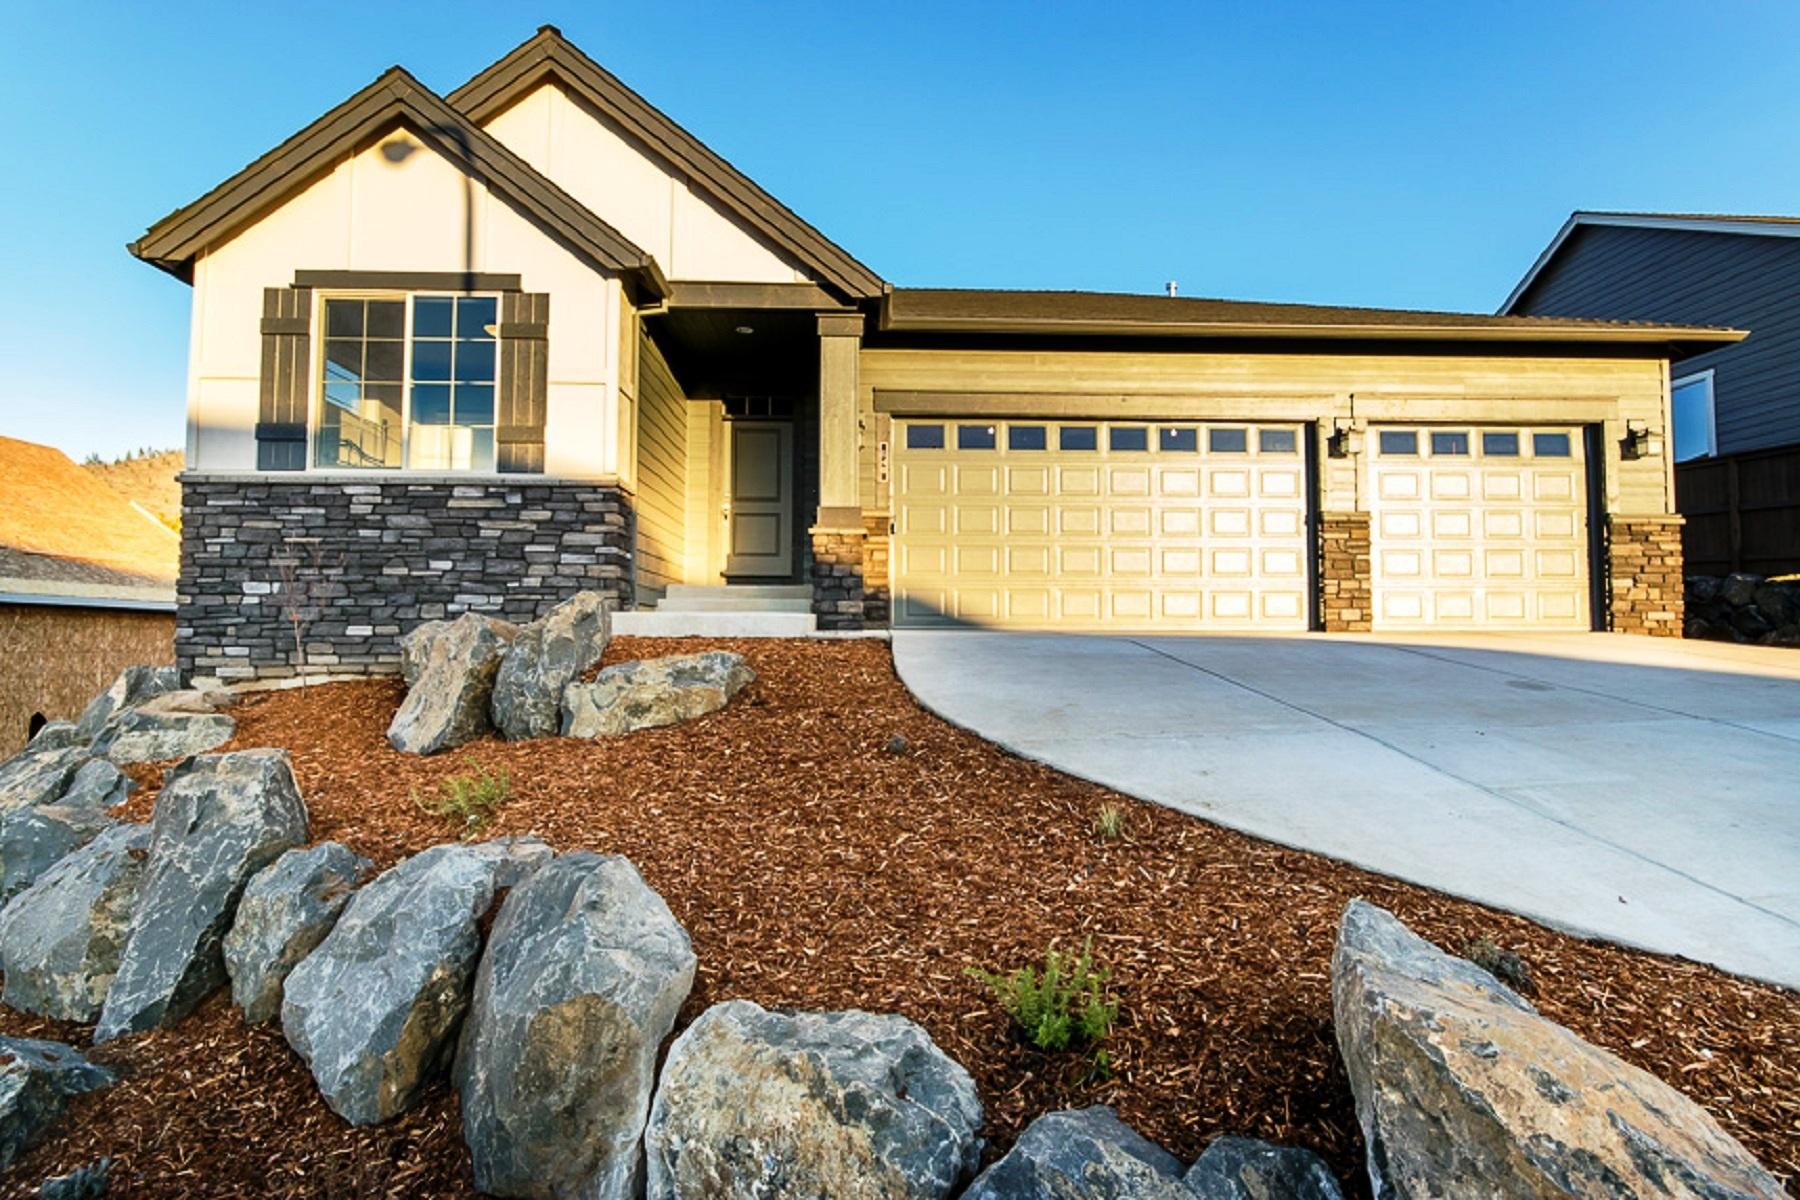 Villa per Vendita alle ore 839 NE Hudspeth Circle Lot 148, PRINEVILLE 839 NE Hudspeth Cir Lot 148 Prineville, Oregon, 97754 Stati Uniti